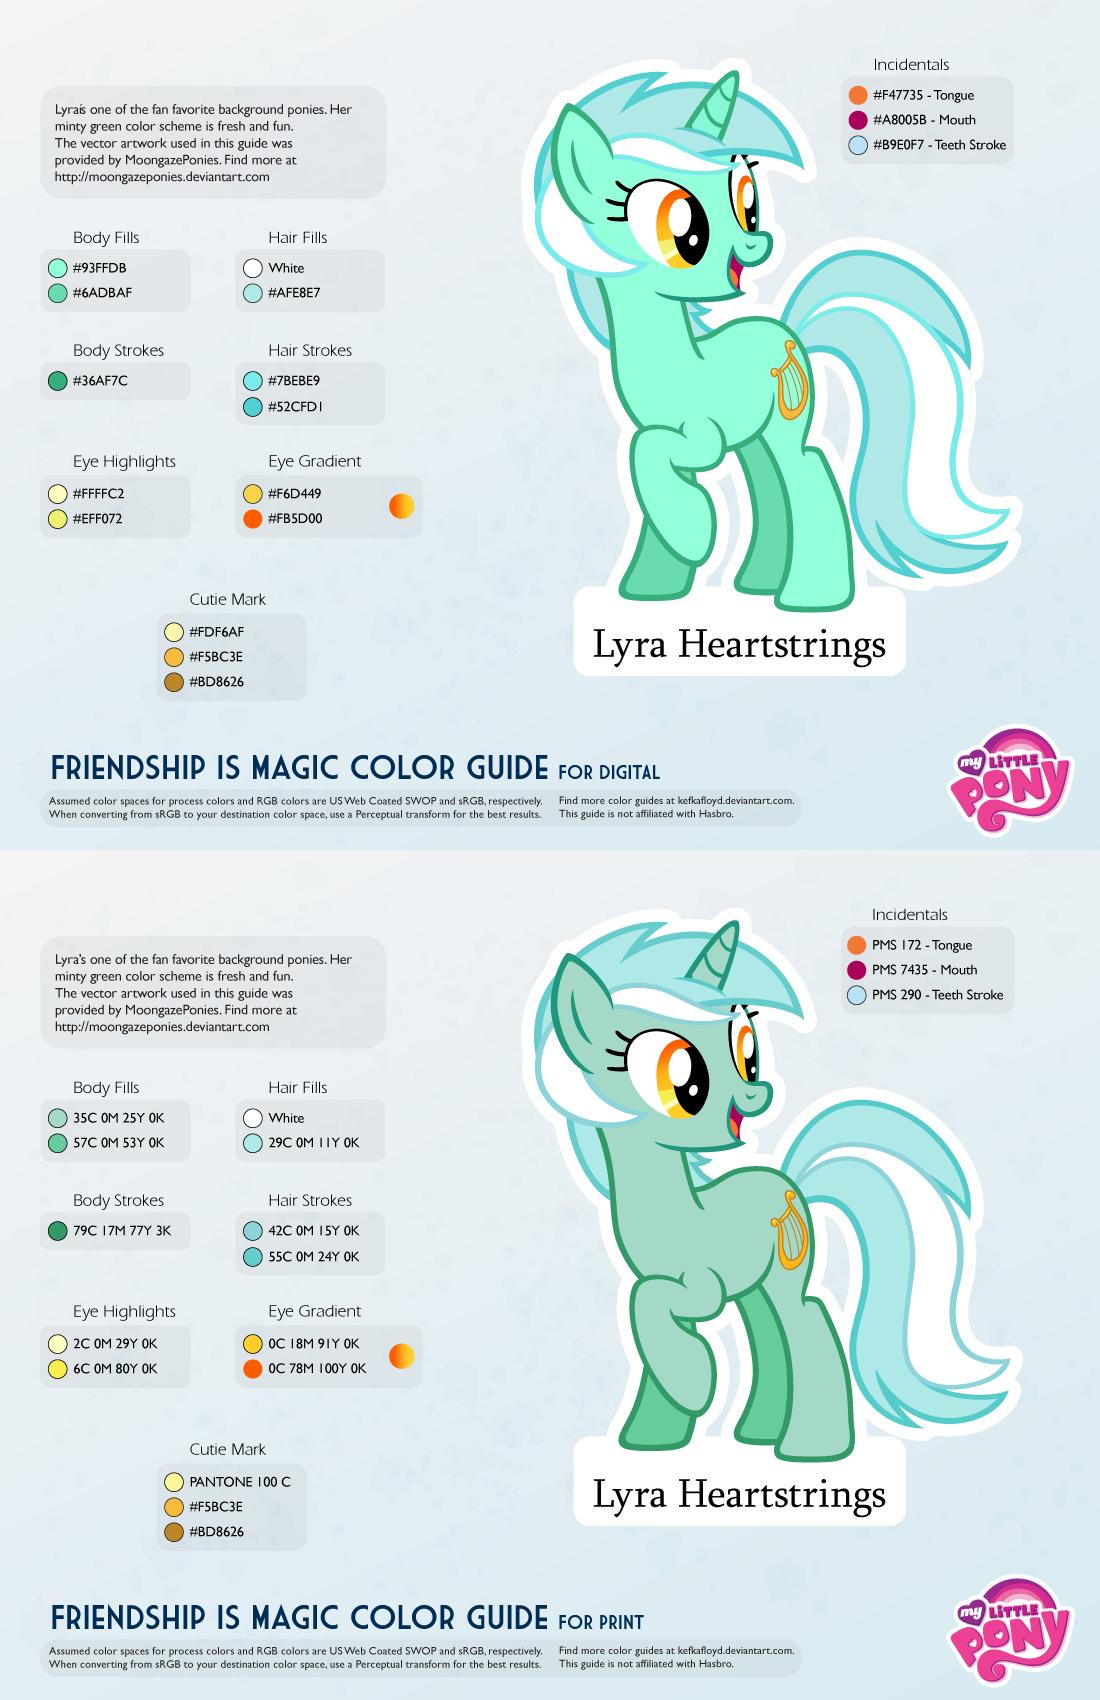 Lyra Heartstrings Color Guide by kefkafloyd